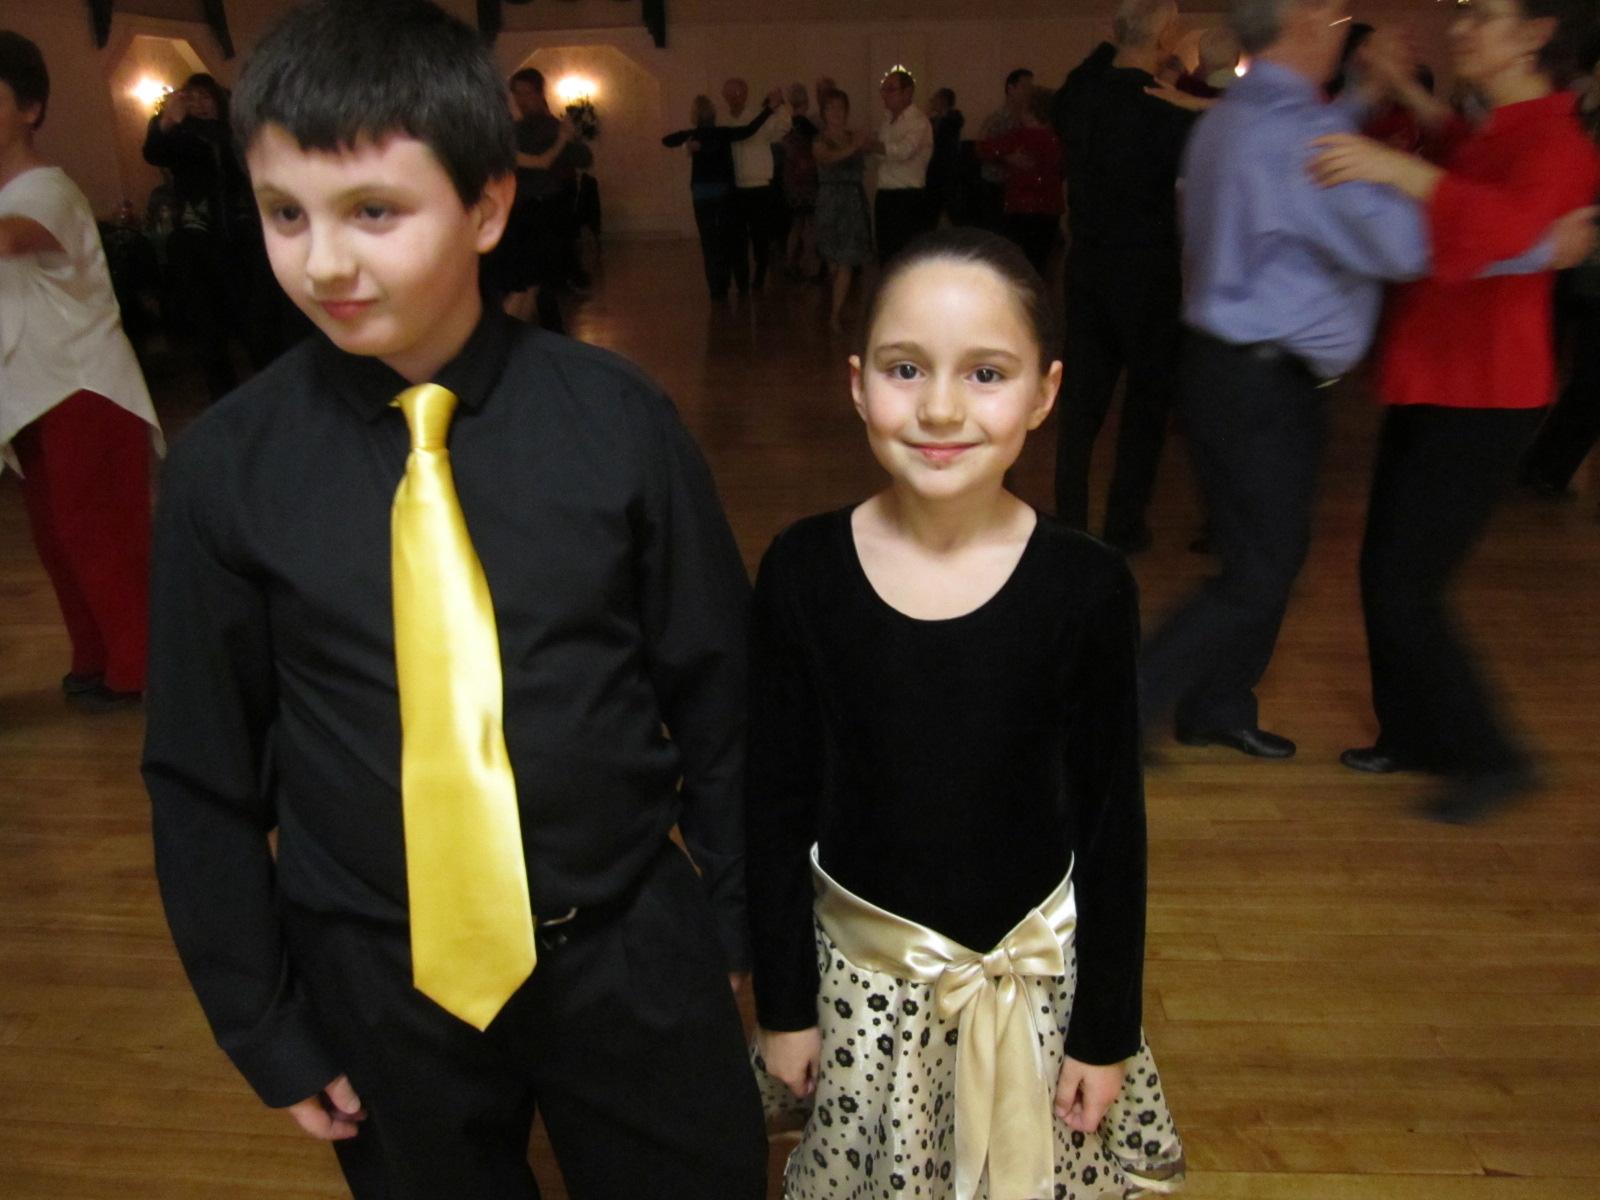 school ballroom dancing